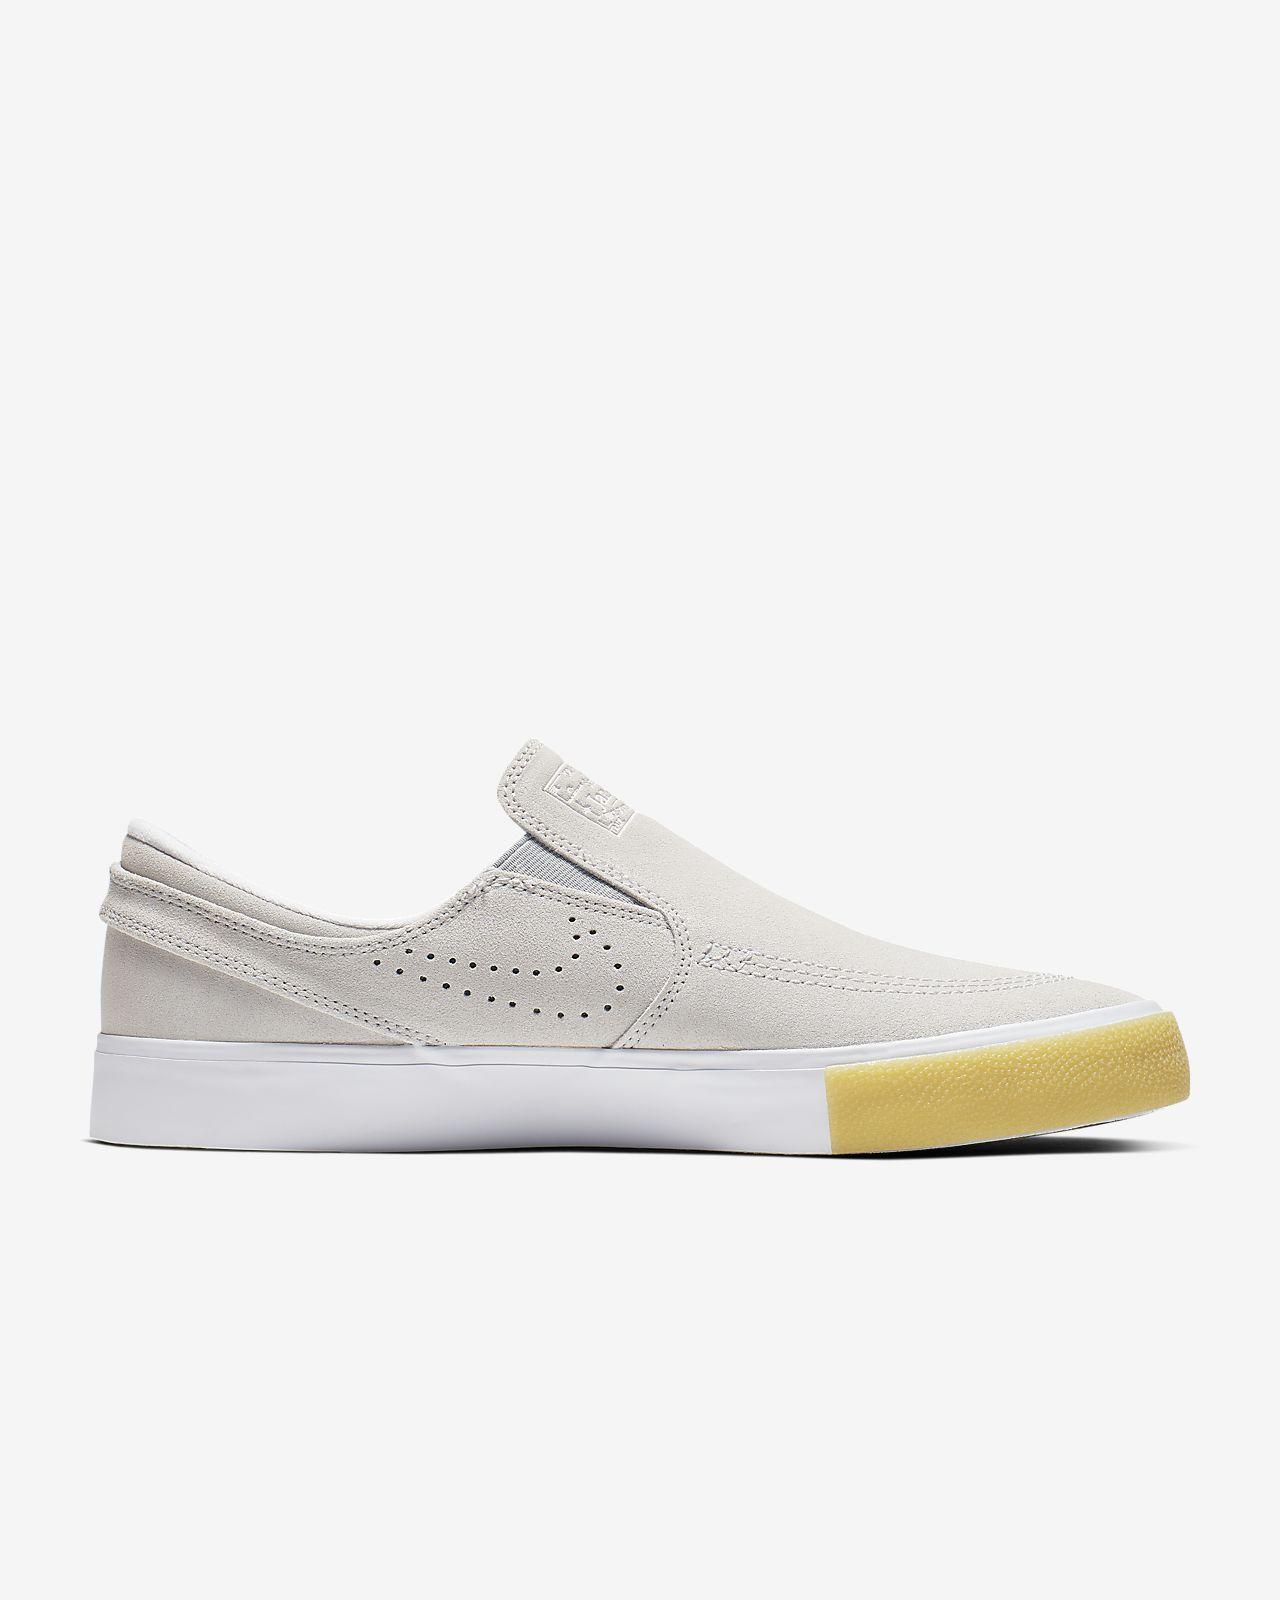 d54dd9d55ccd7 Nike SB Zoom Janoski Slip RM SE Skate Shoe. Nike.com GB